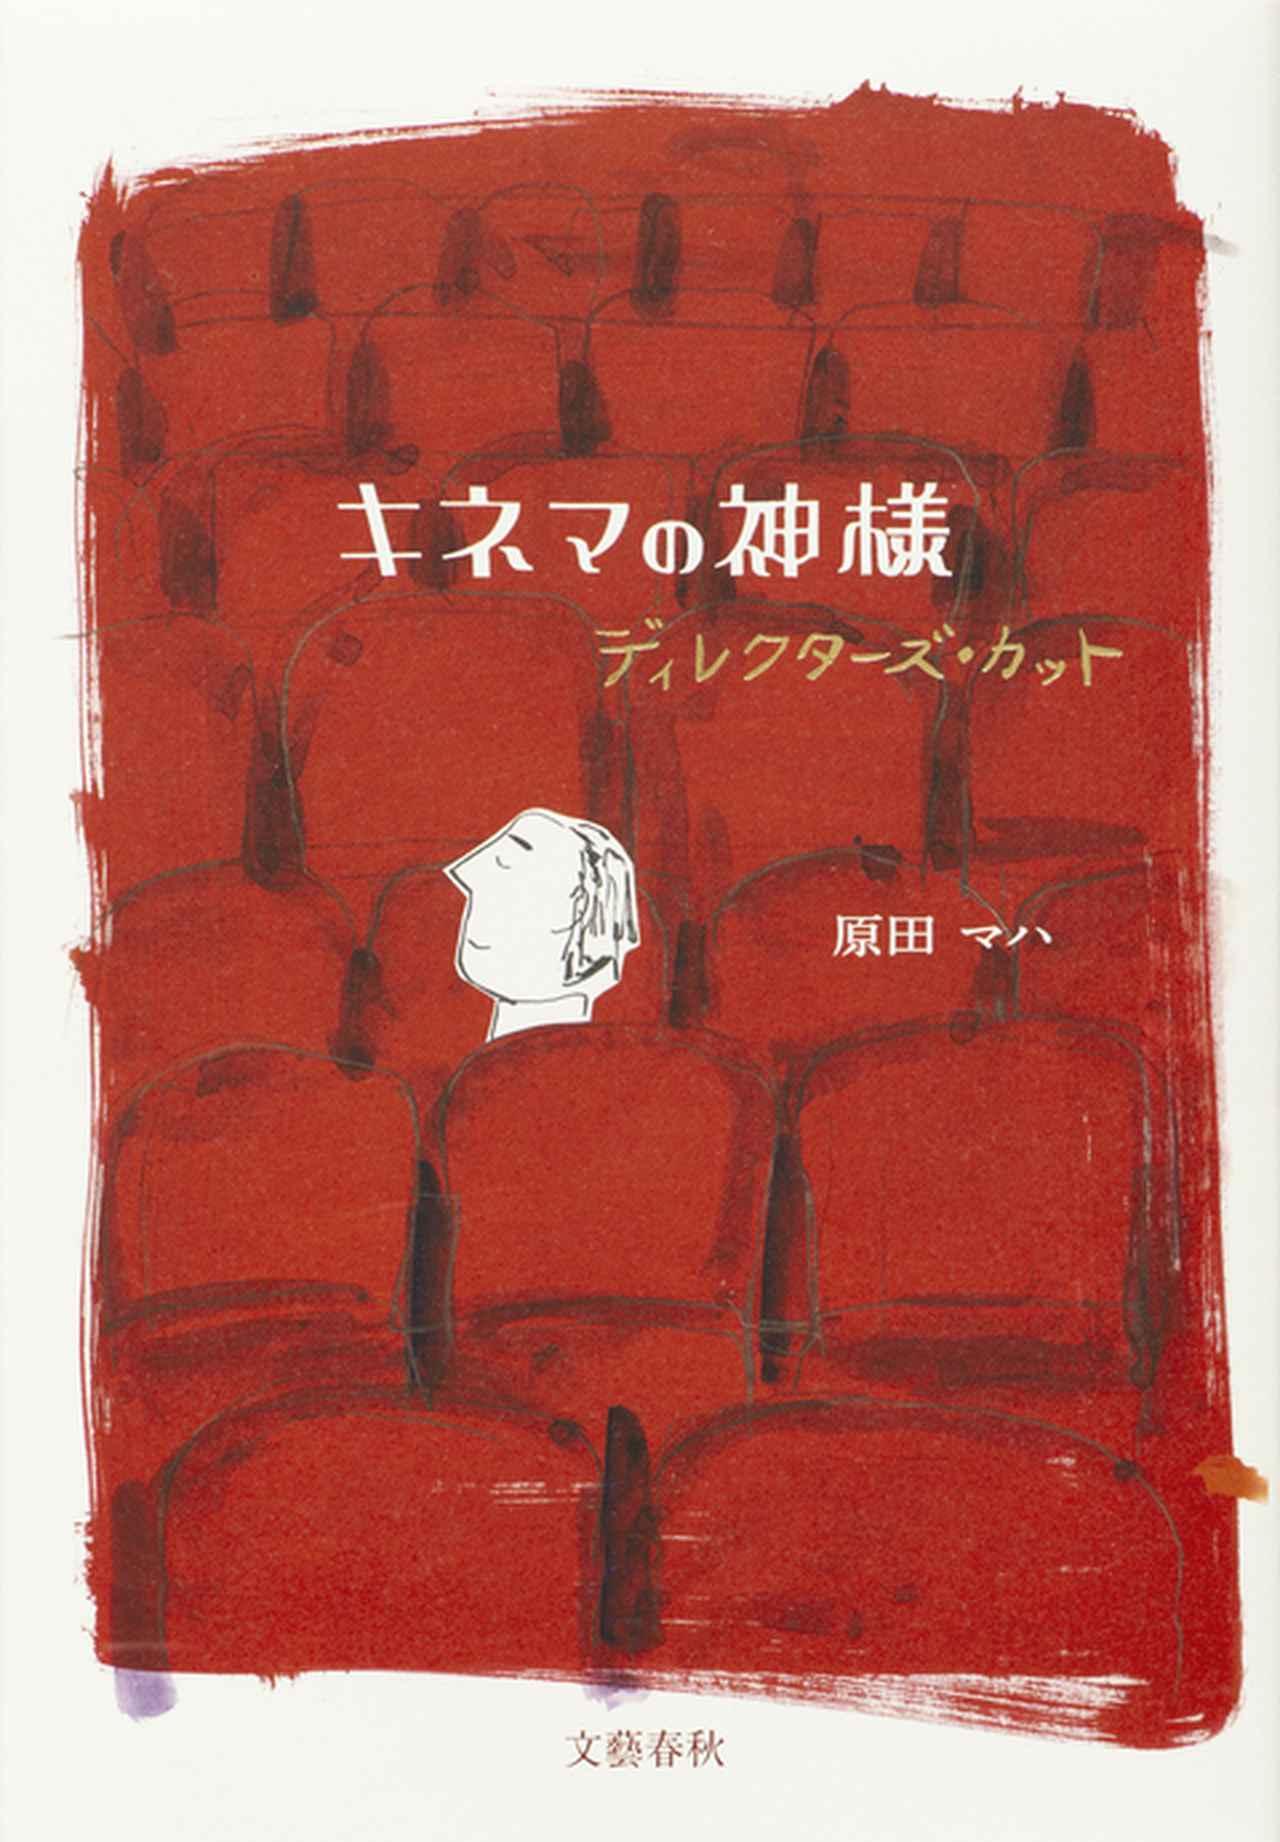 画像: 『キネマの神様 ディレクターズ・カット(文藝春秋刊)』 books.bunshun.jp